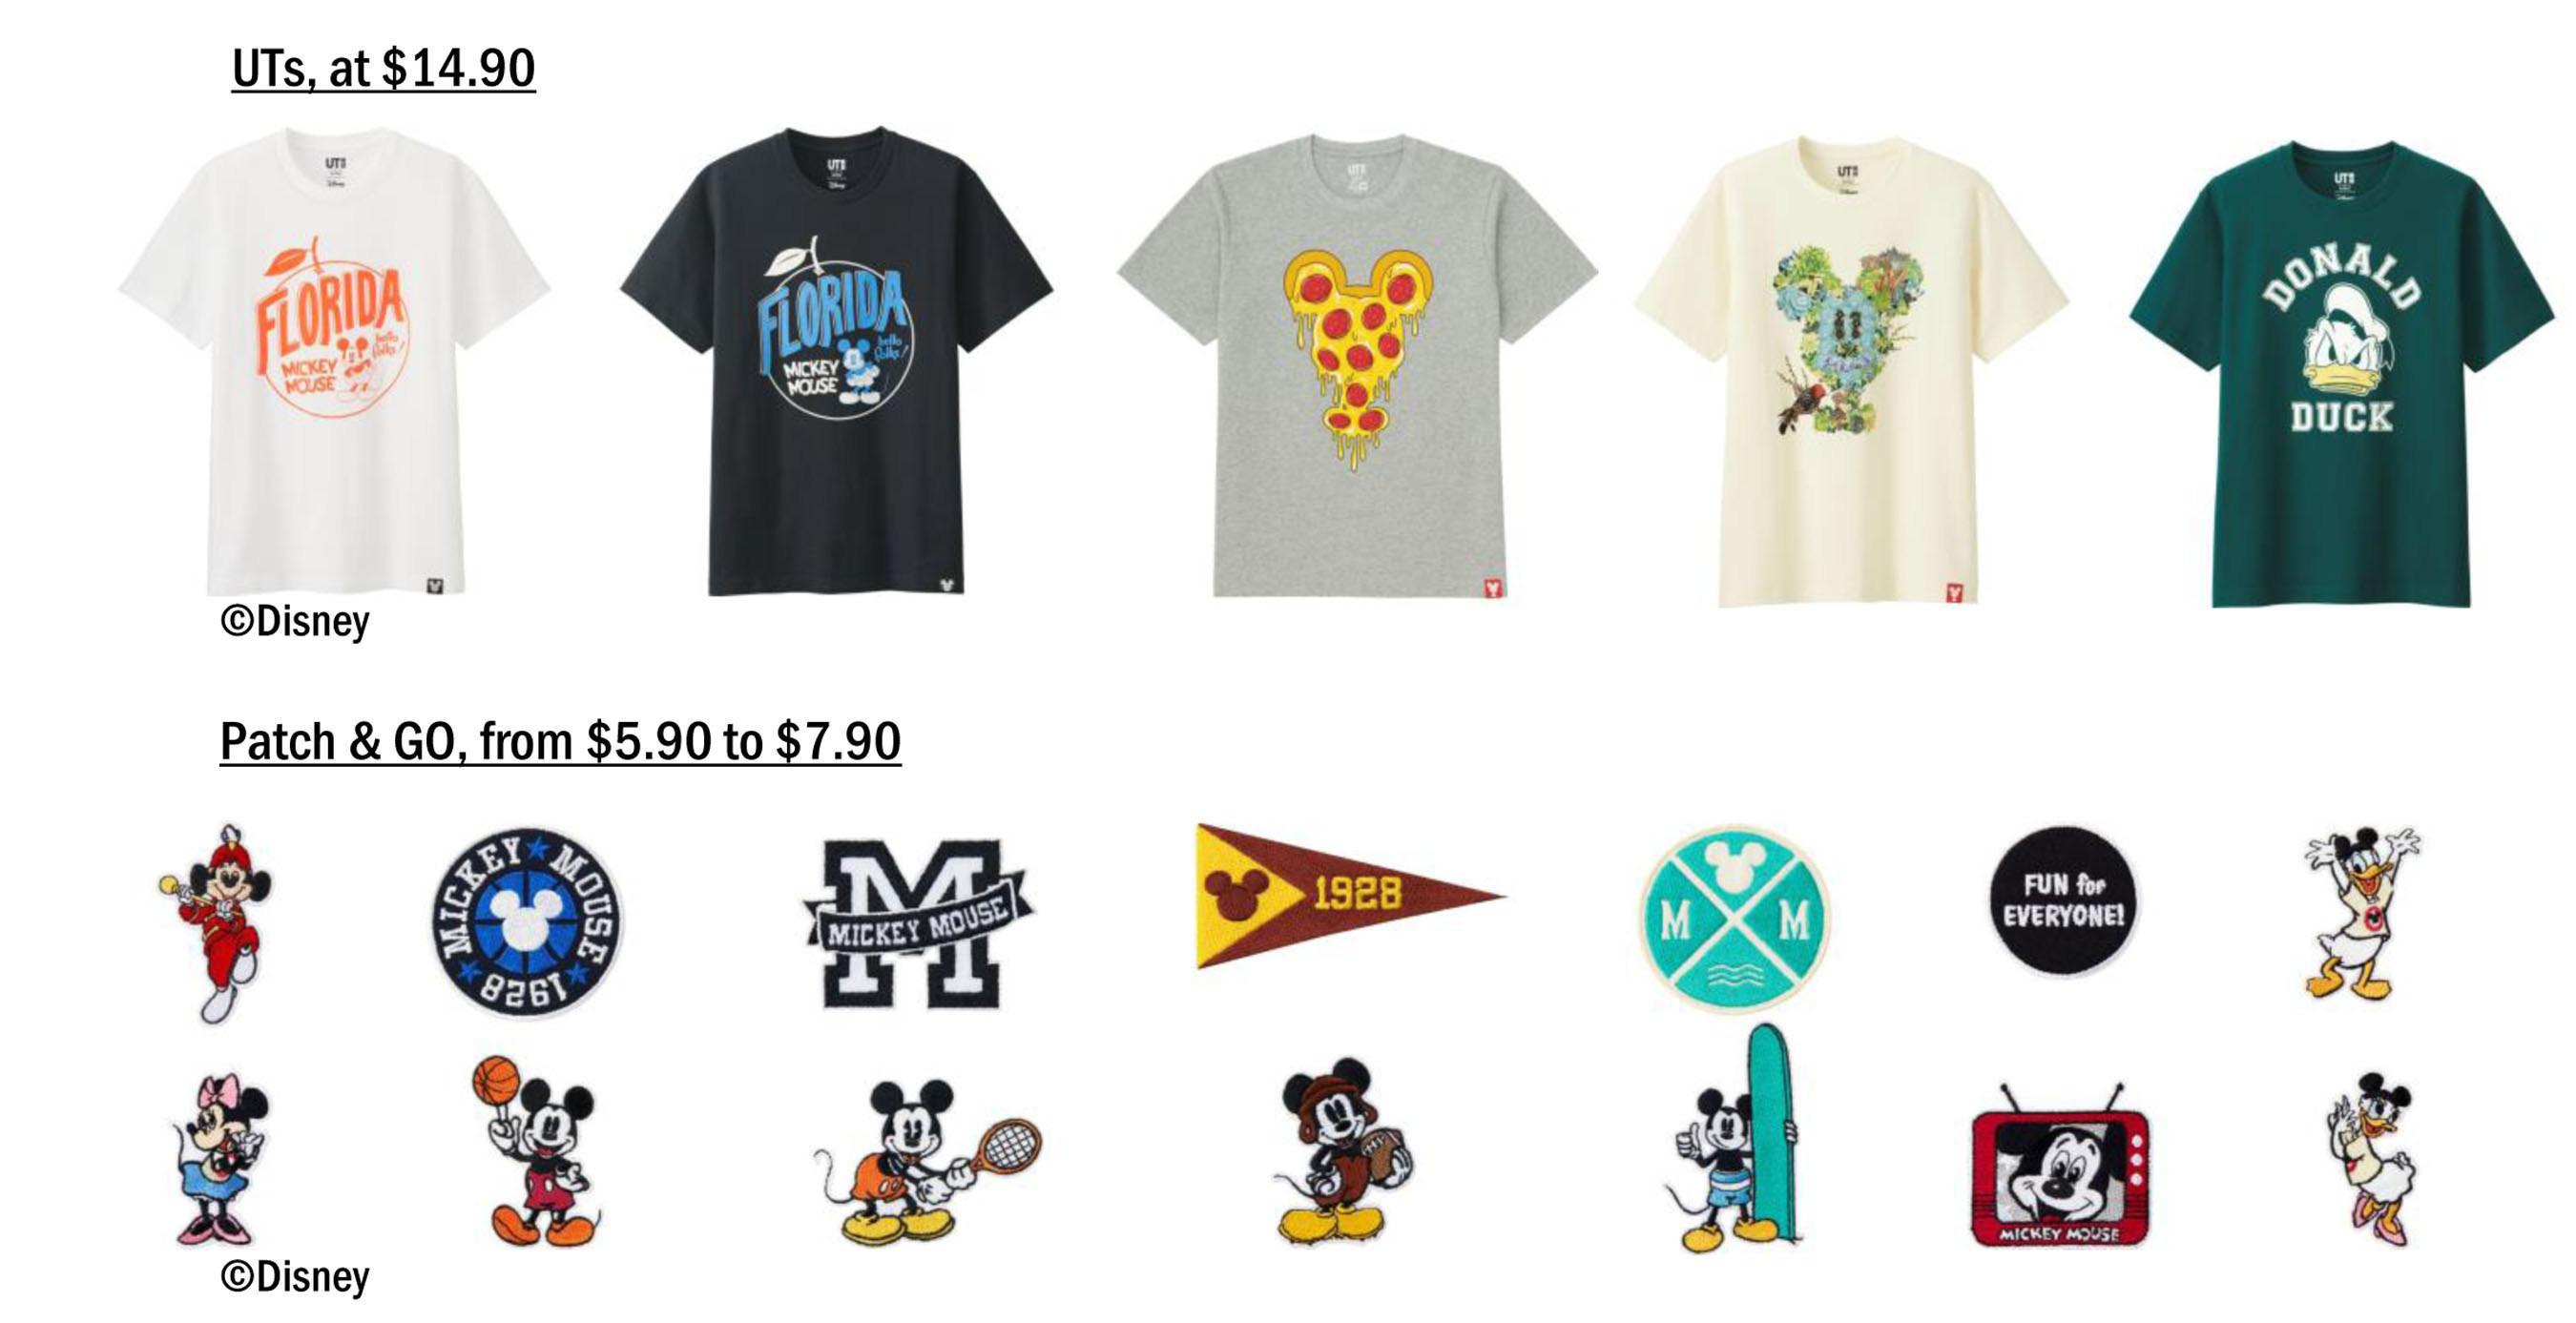 """Una variedad de productos se venden exclusivamente en la tienda UNIQLO en Disney Springs y en la tienda en linea Uniqlo.com, con personajes iconicos de Disney como Mickey Mouse como tambien camisetas de la """"ciudad"""", incluida Orlando, Florida. La tienda tambien vende parches exclusivos con la tematica Disney, que pueden ser pegados con la plancha a cualquier prenda de UNIQLO alli mismo, a modo de servicio complementario."""